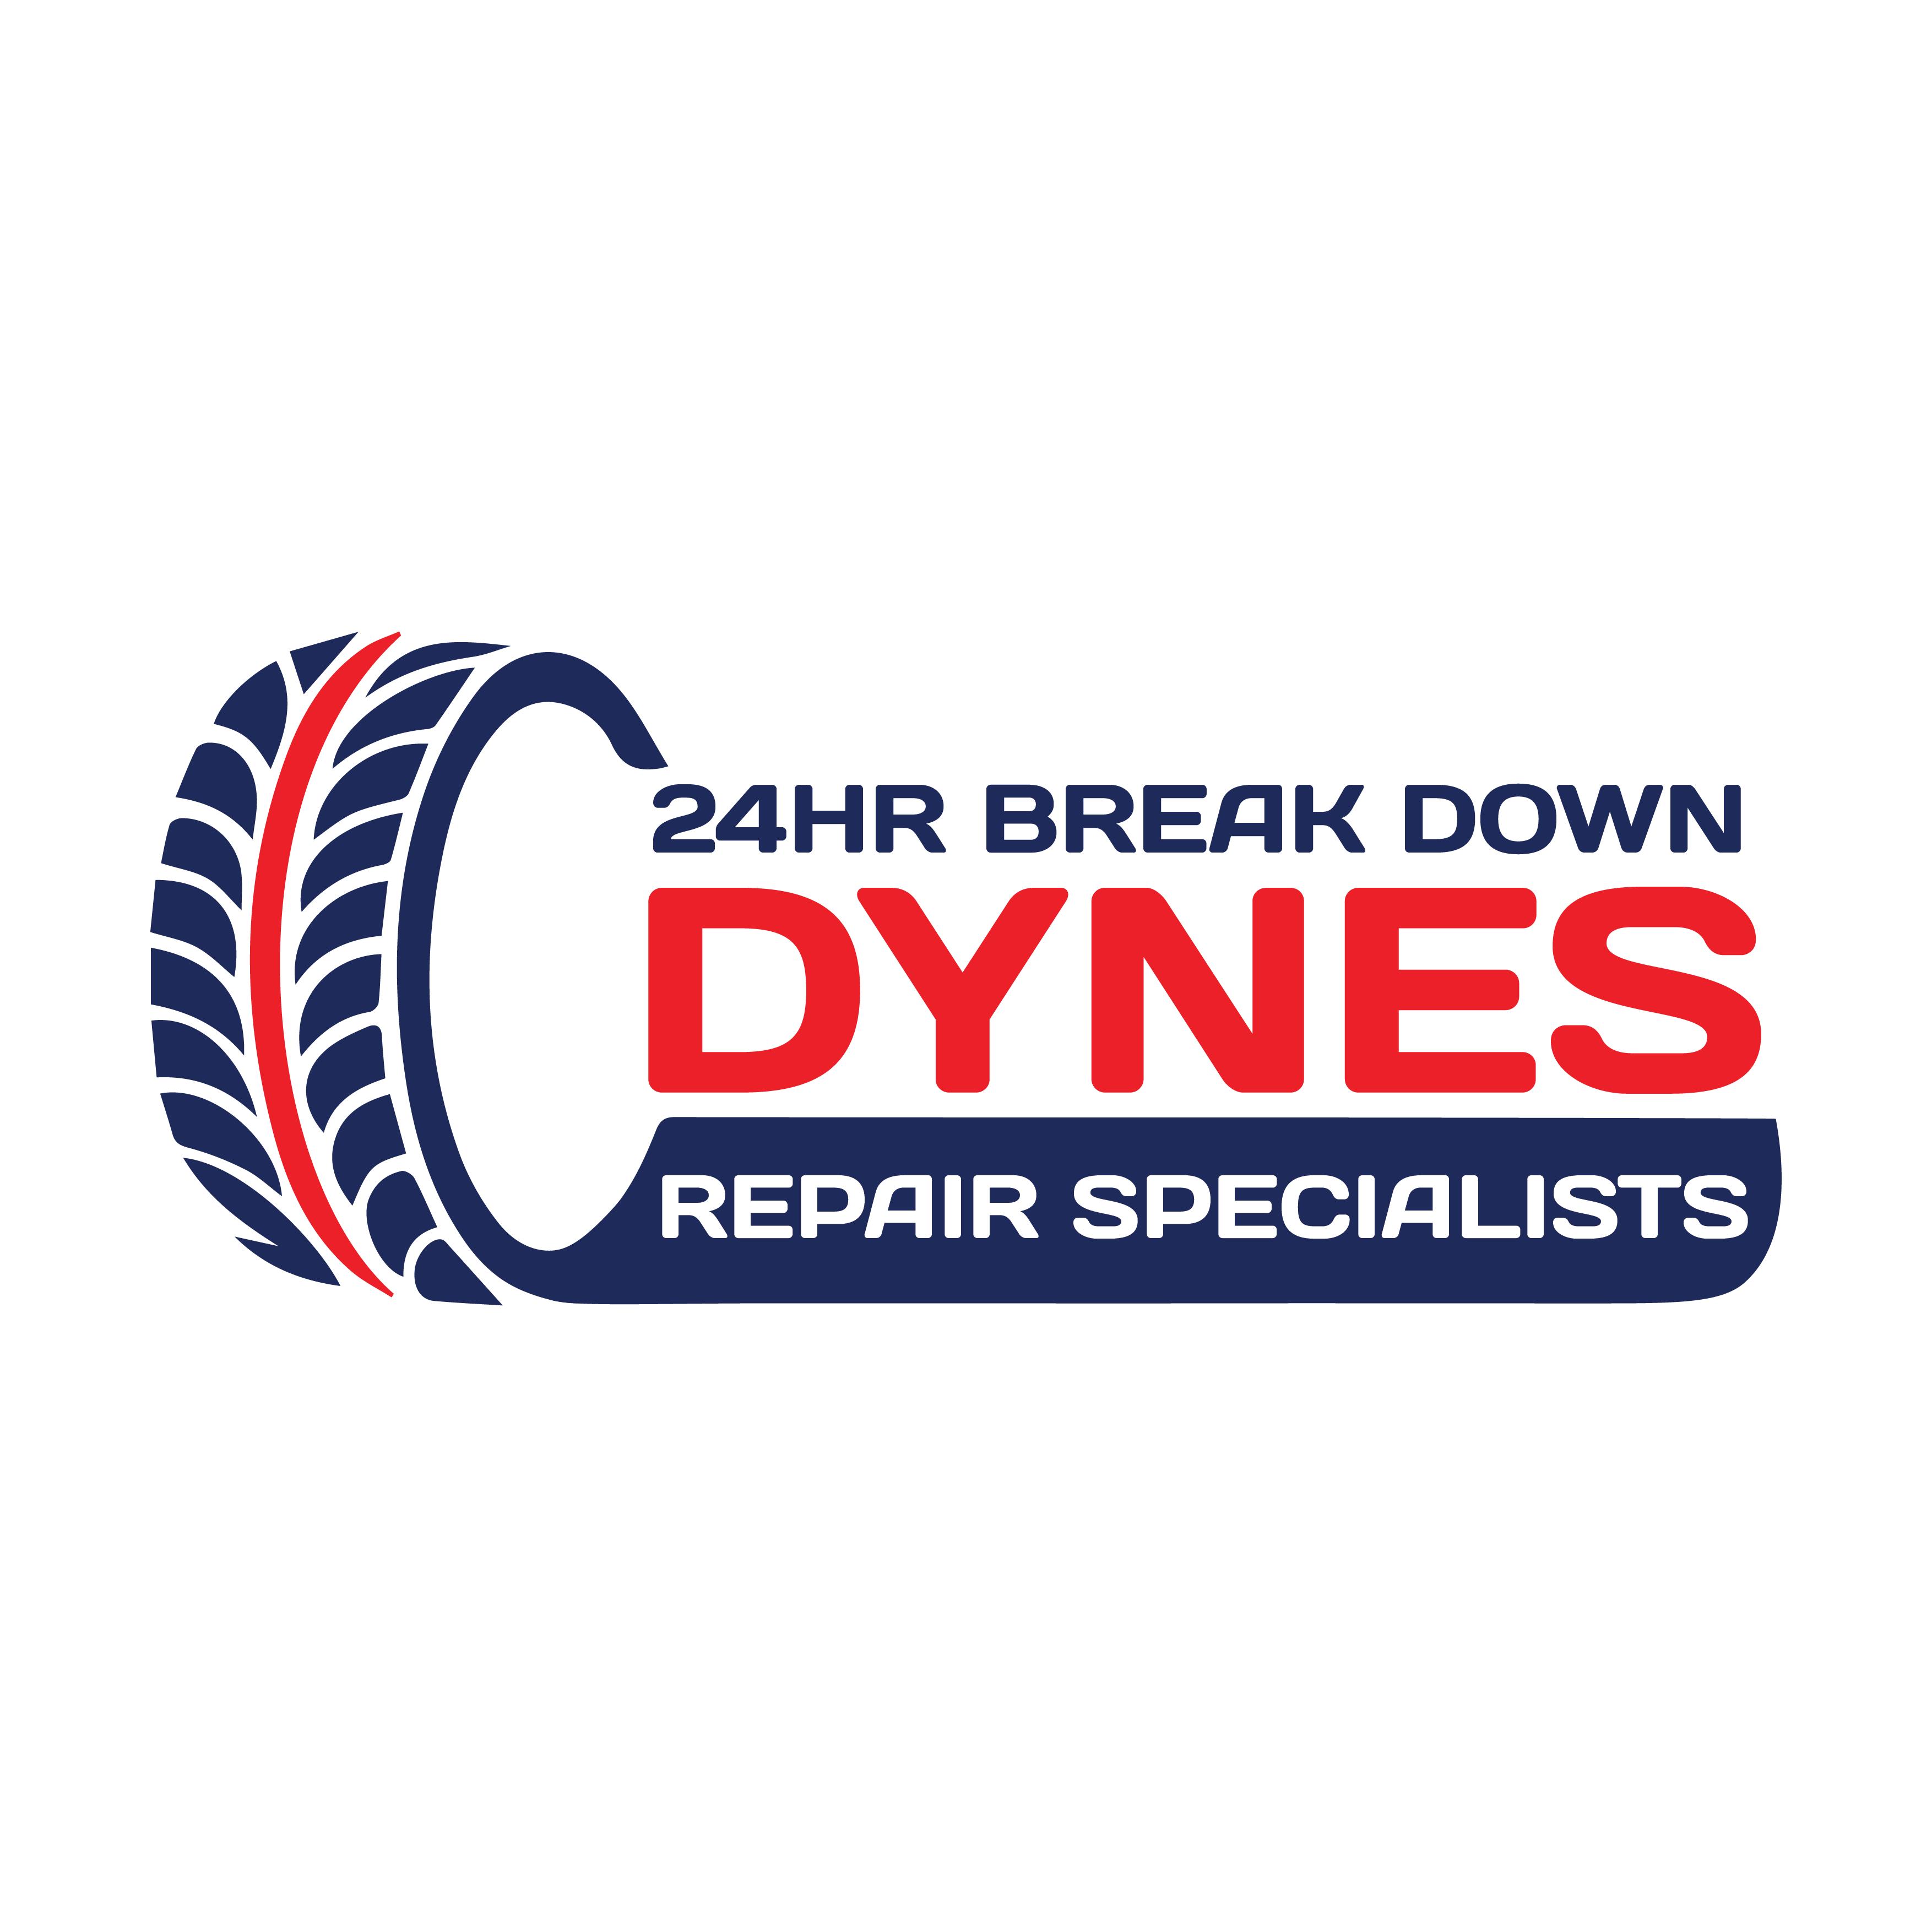 Dynes Tyre Services Ltd - Erith, London DA8 3LT - 01322 338191 | ShowMeLocal.com